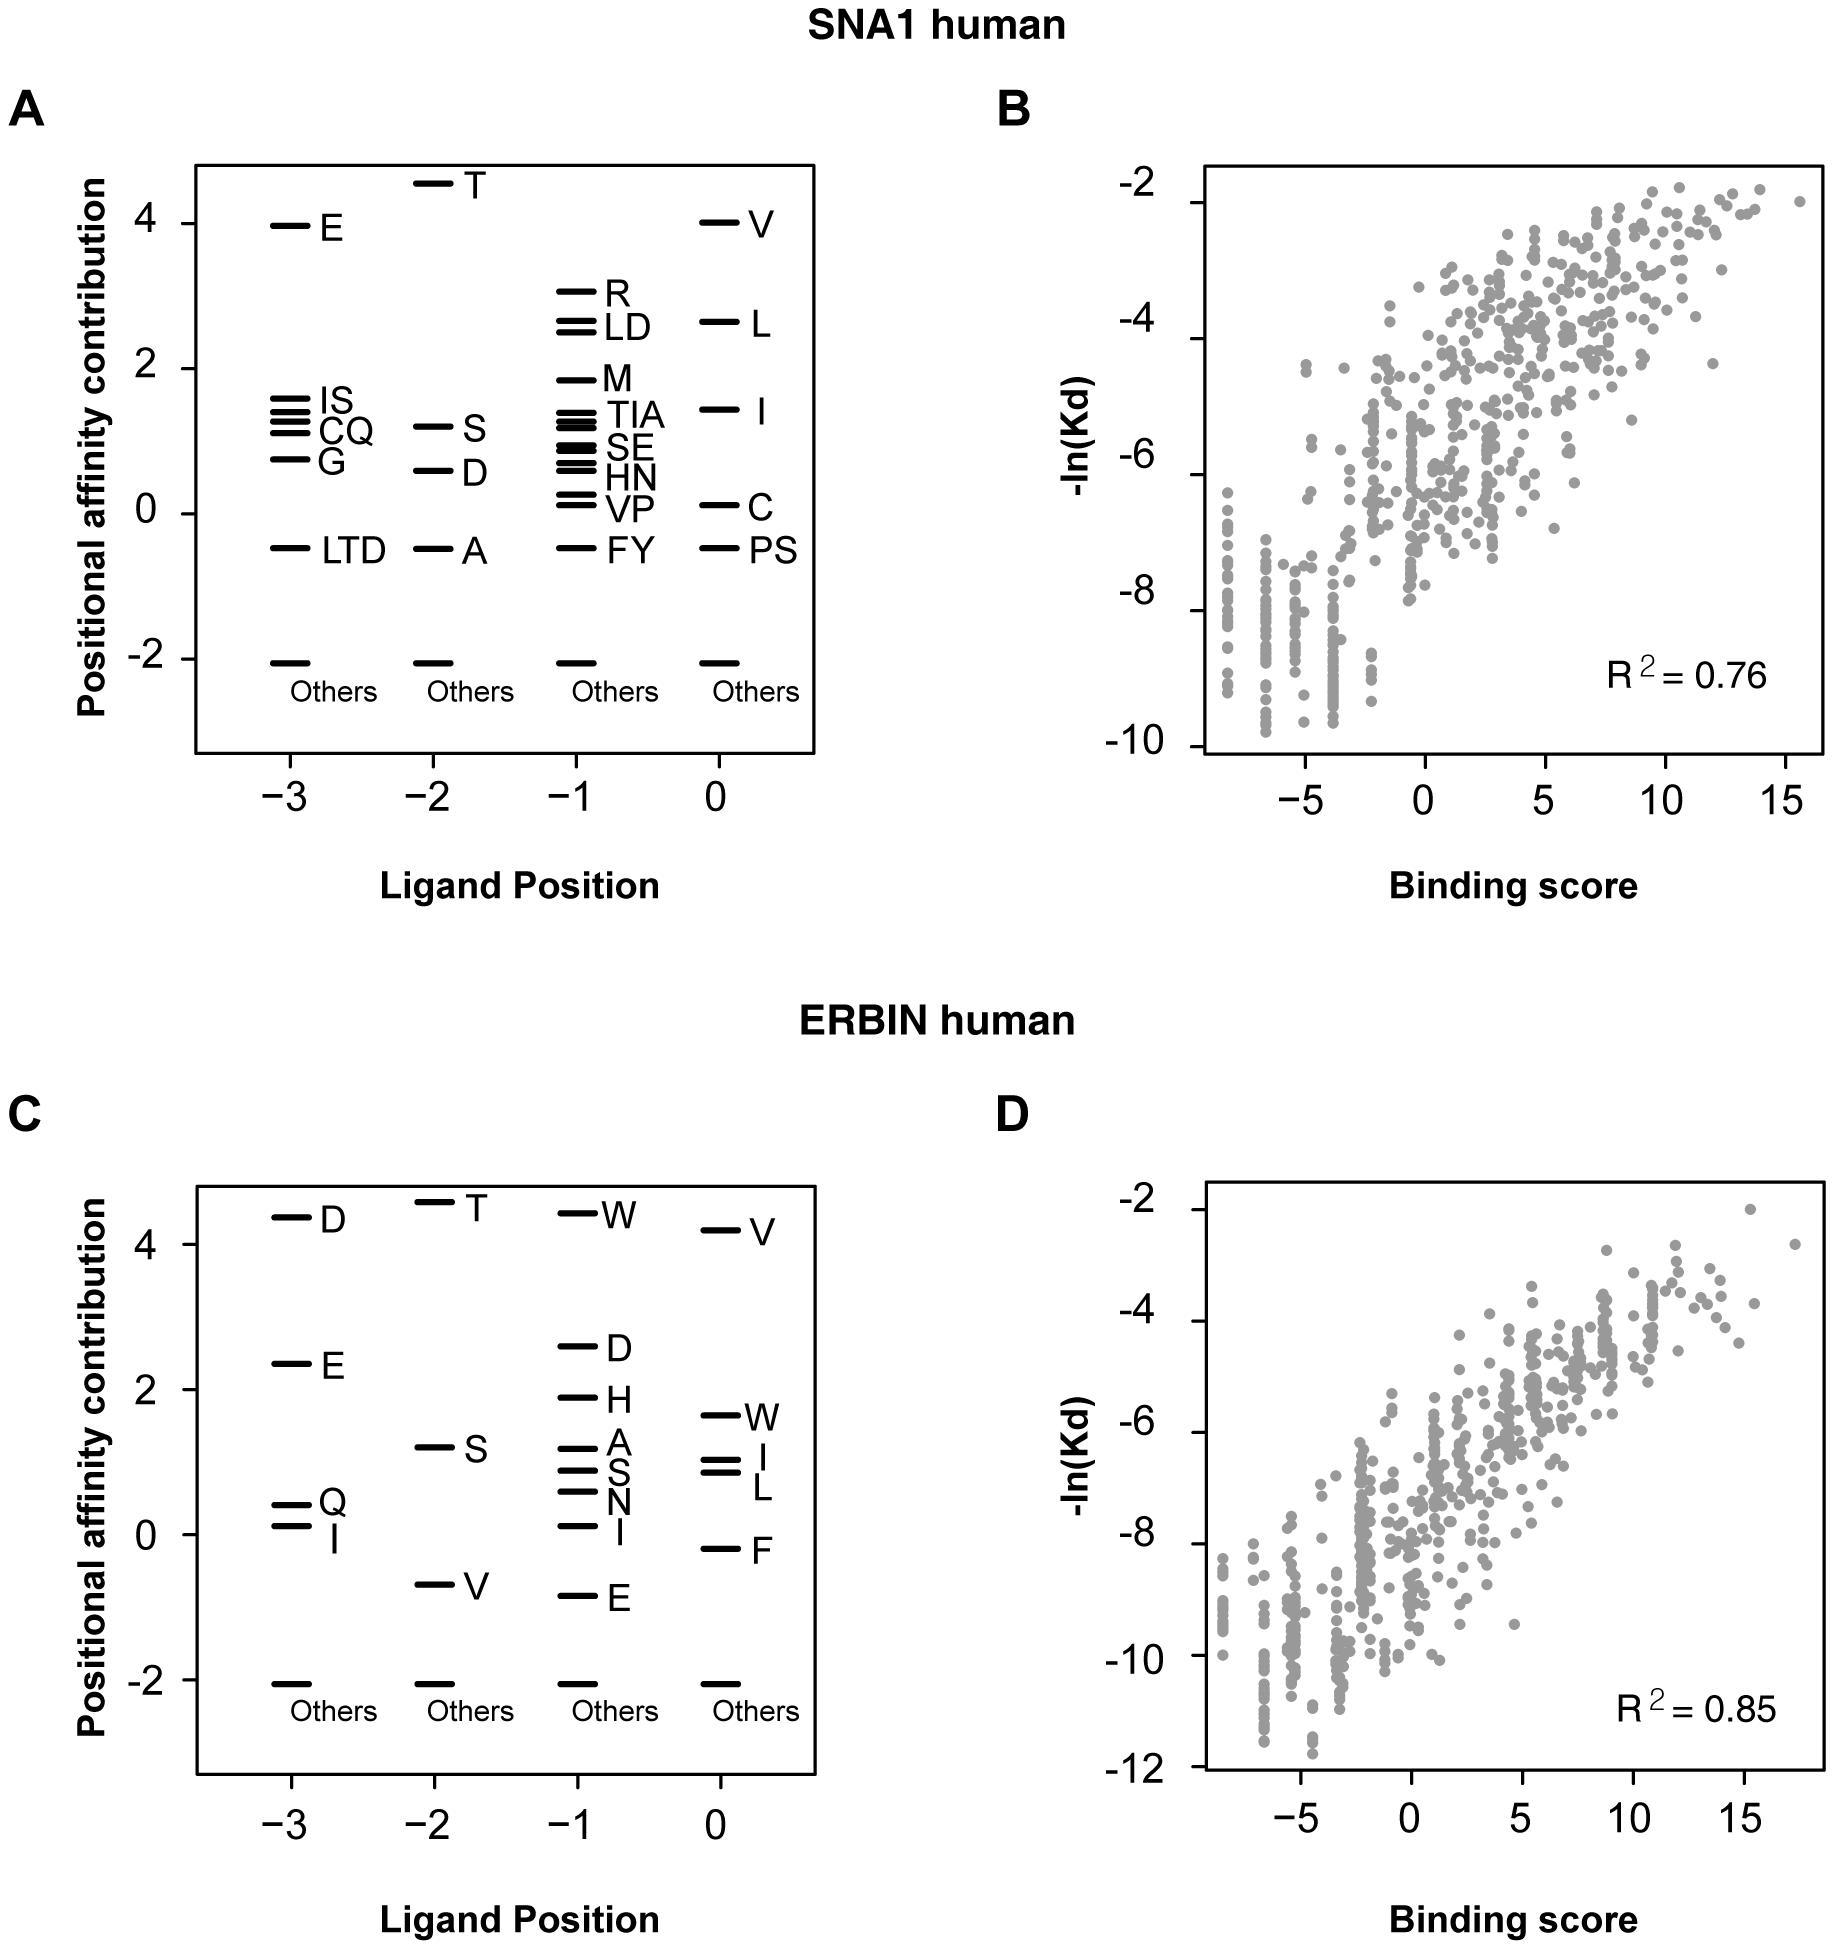 Correlation between binding score and binding affinity.